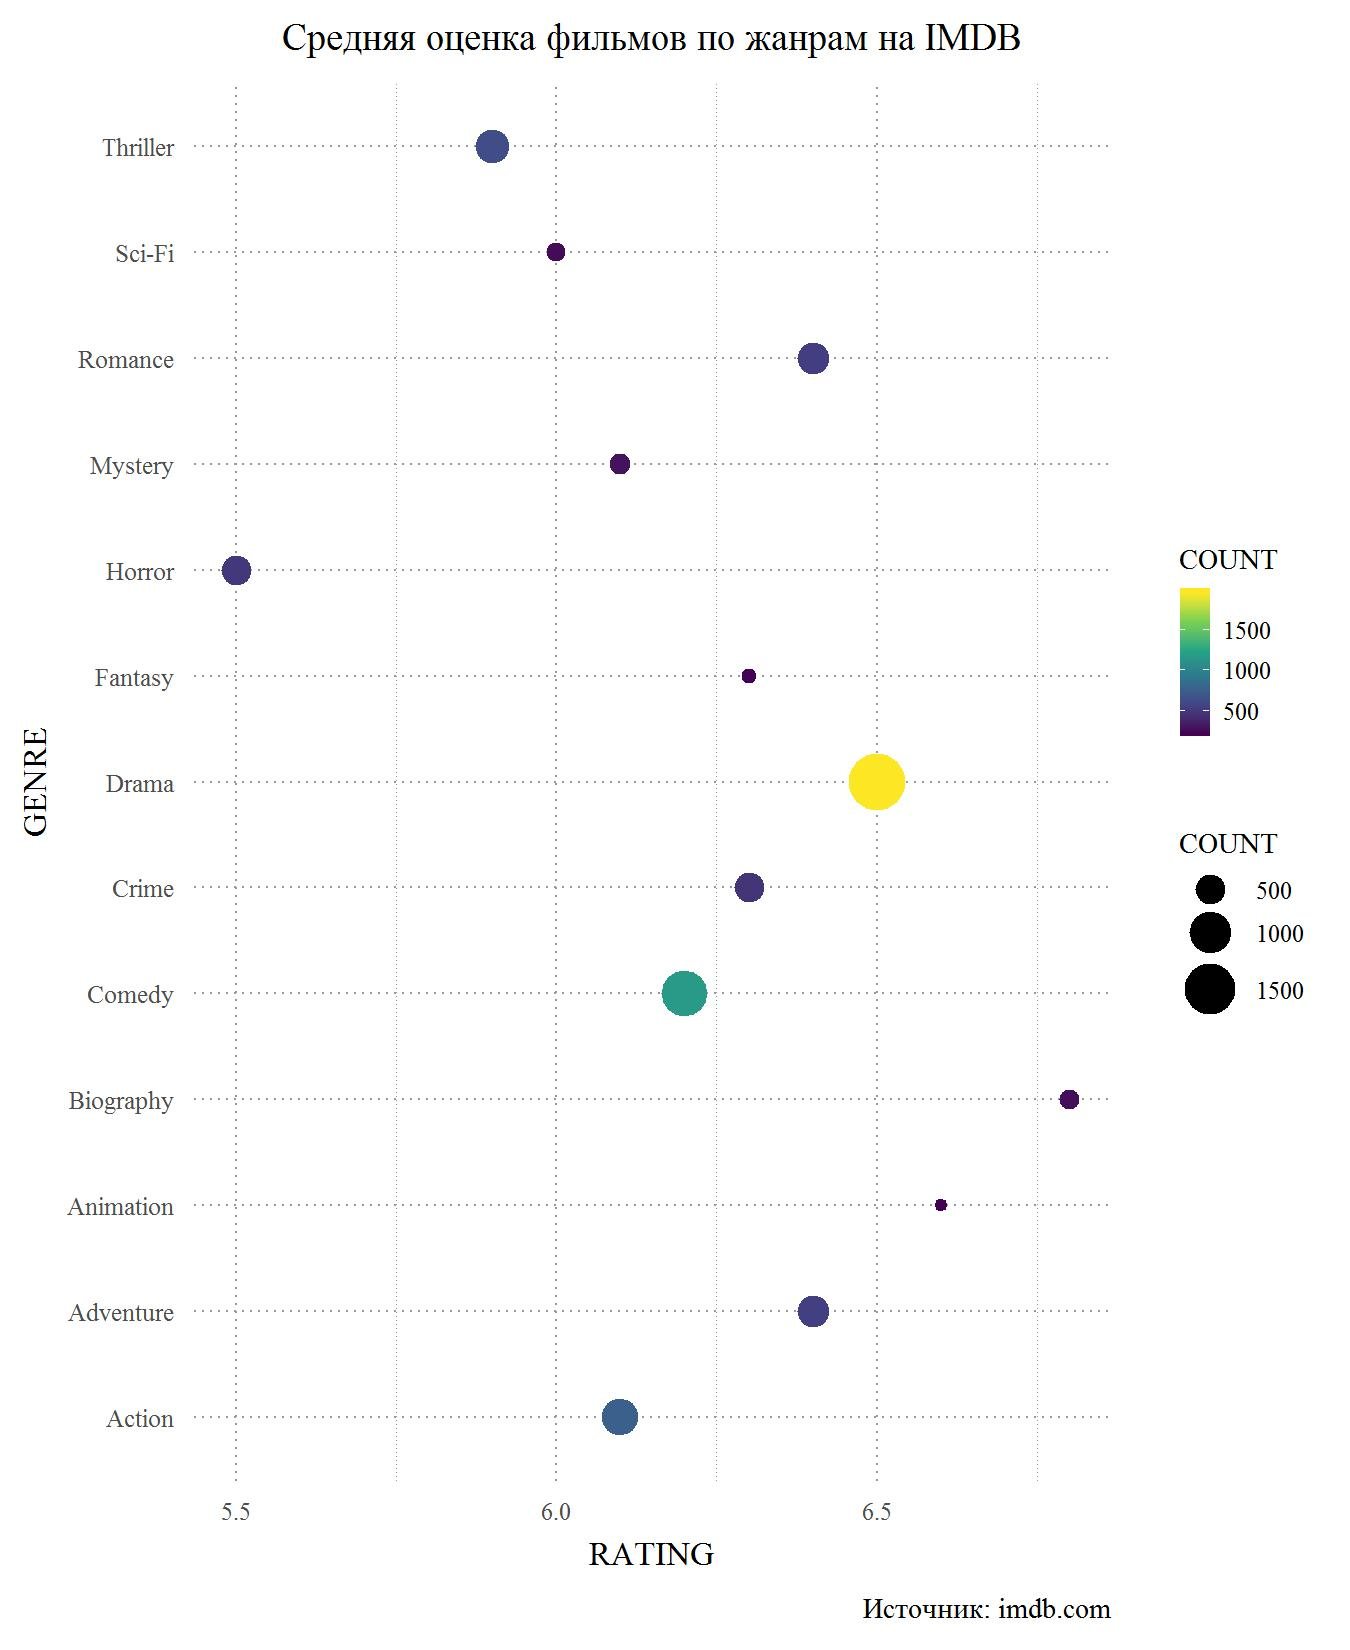 Web scraping с помощью R. Сравнение оценок фильмов на сайтах Кинопоиск и IMDB - 9